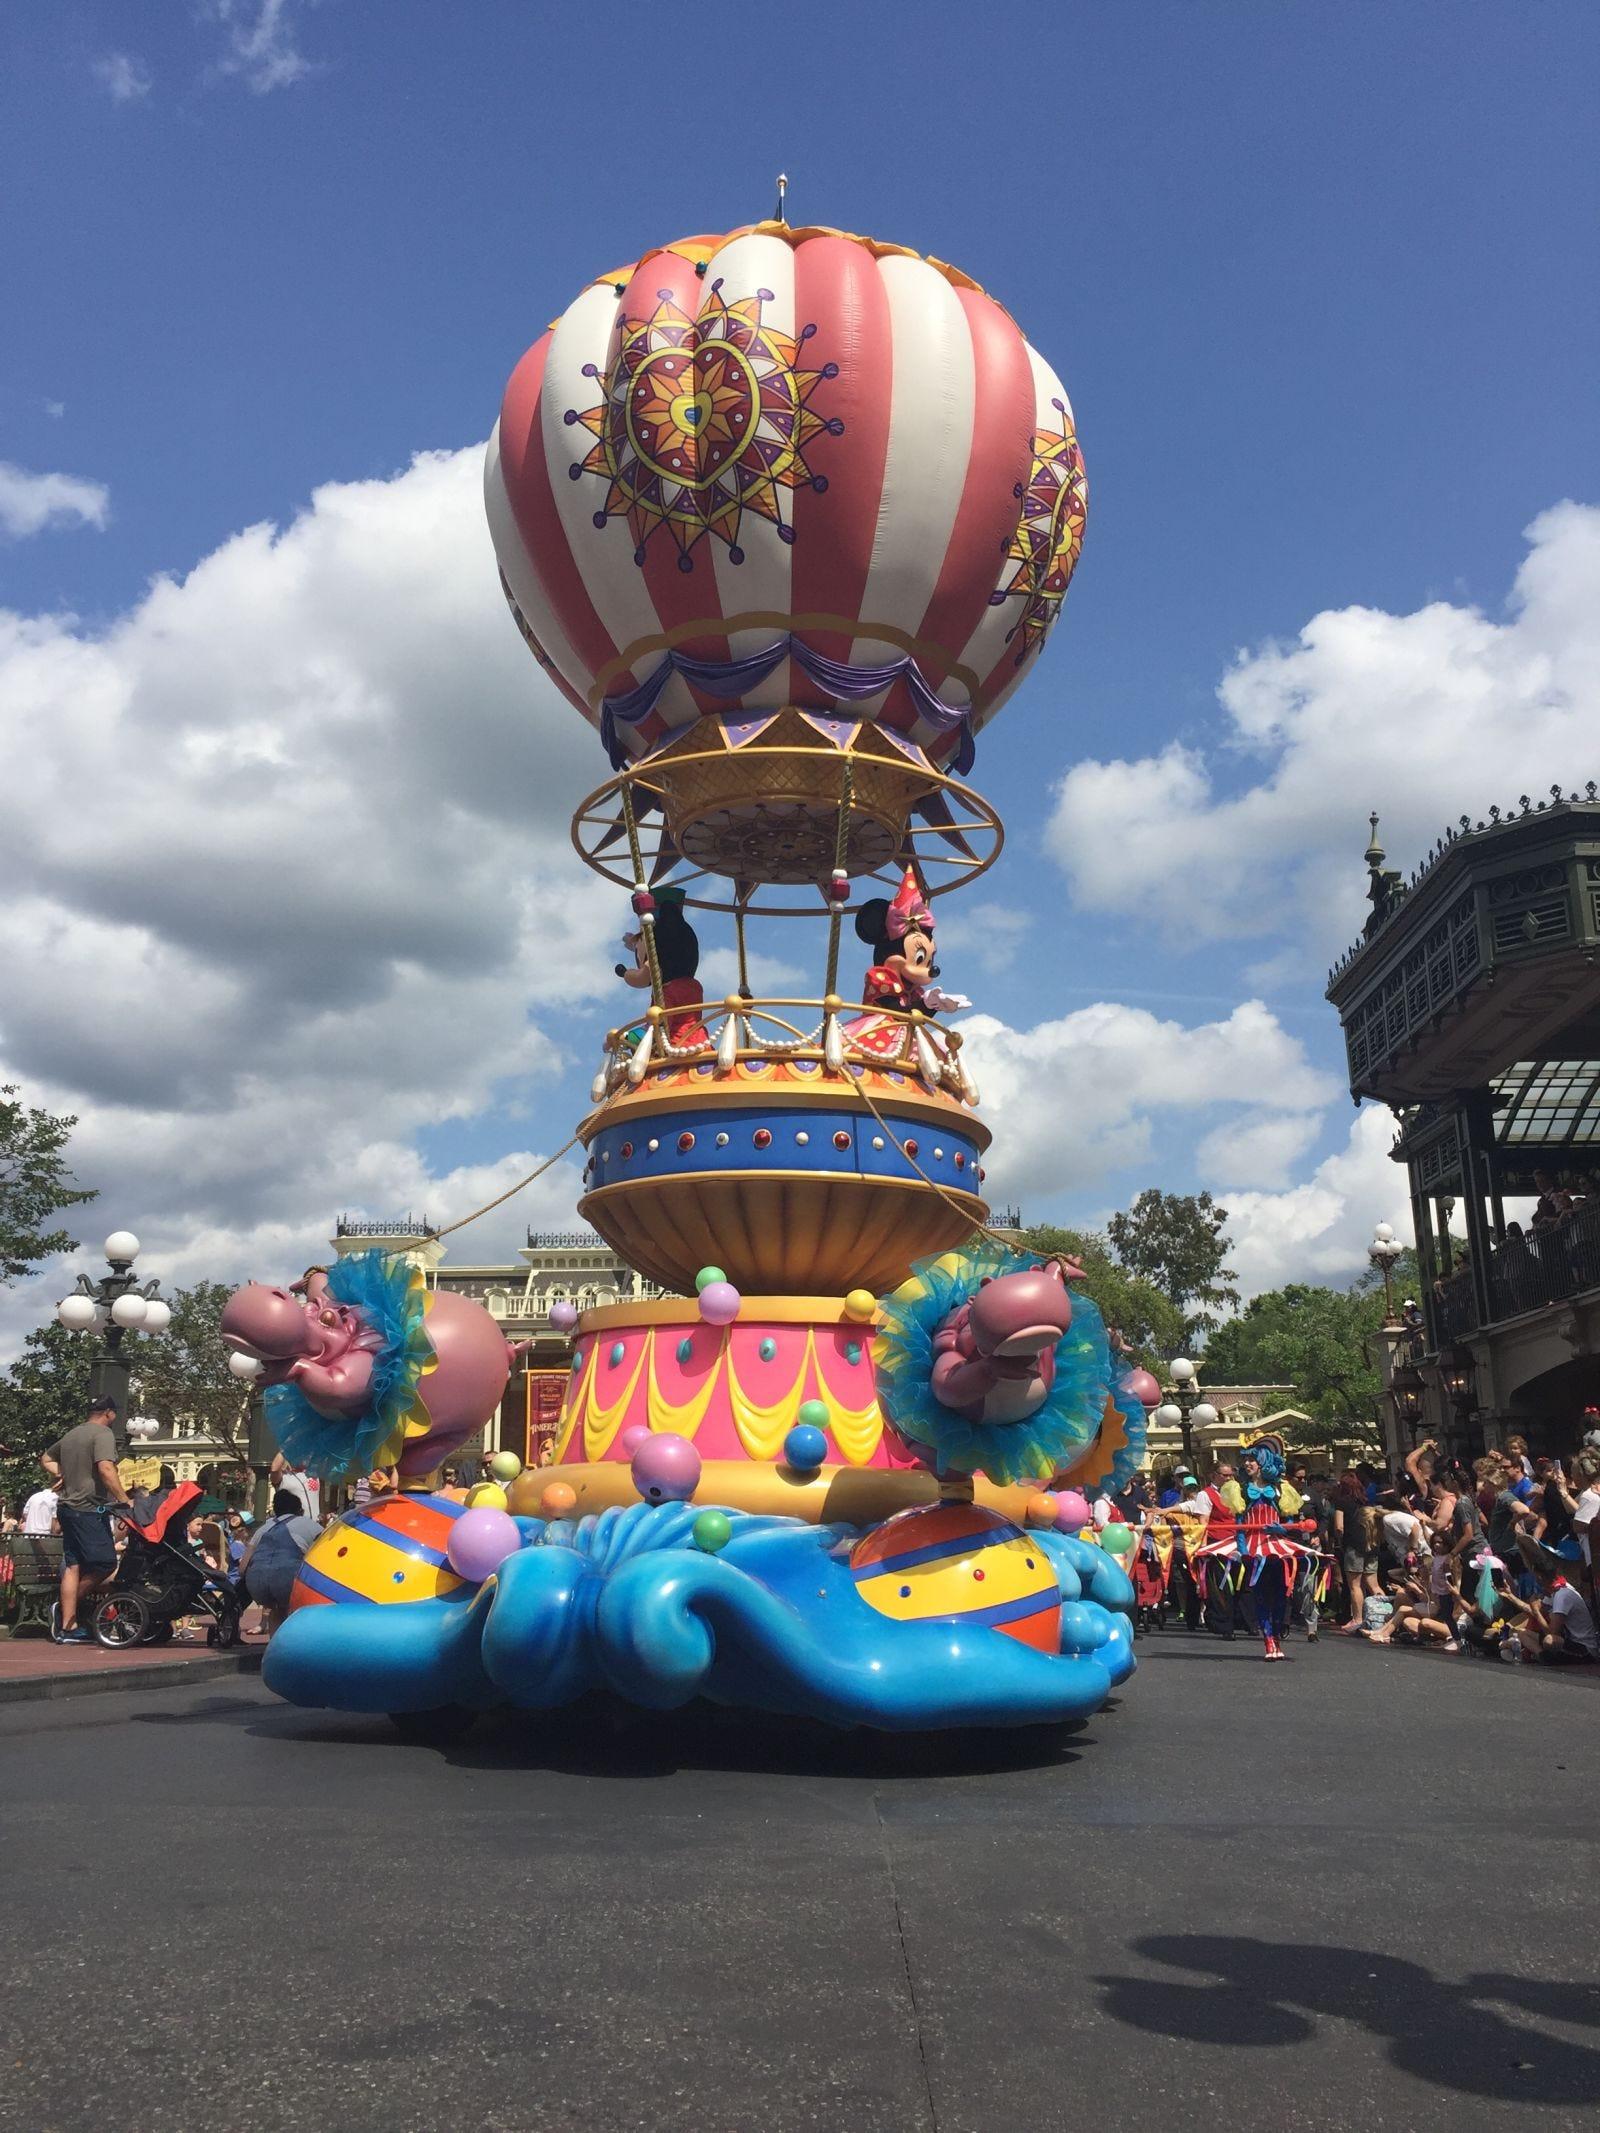 Hoy he ido por primera vez a Disney World. Ahora entiendo de dónde sale la magia realmente